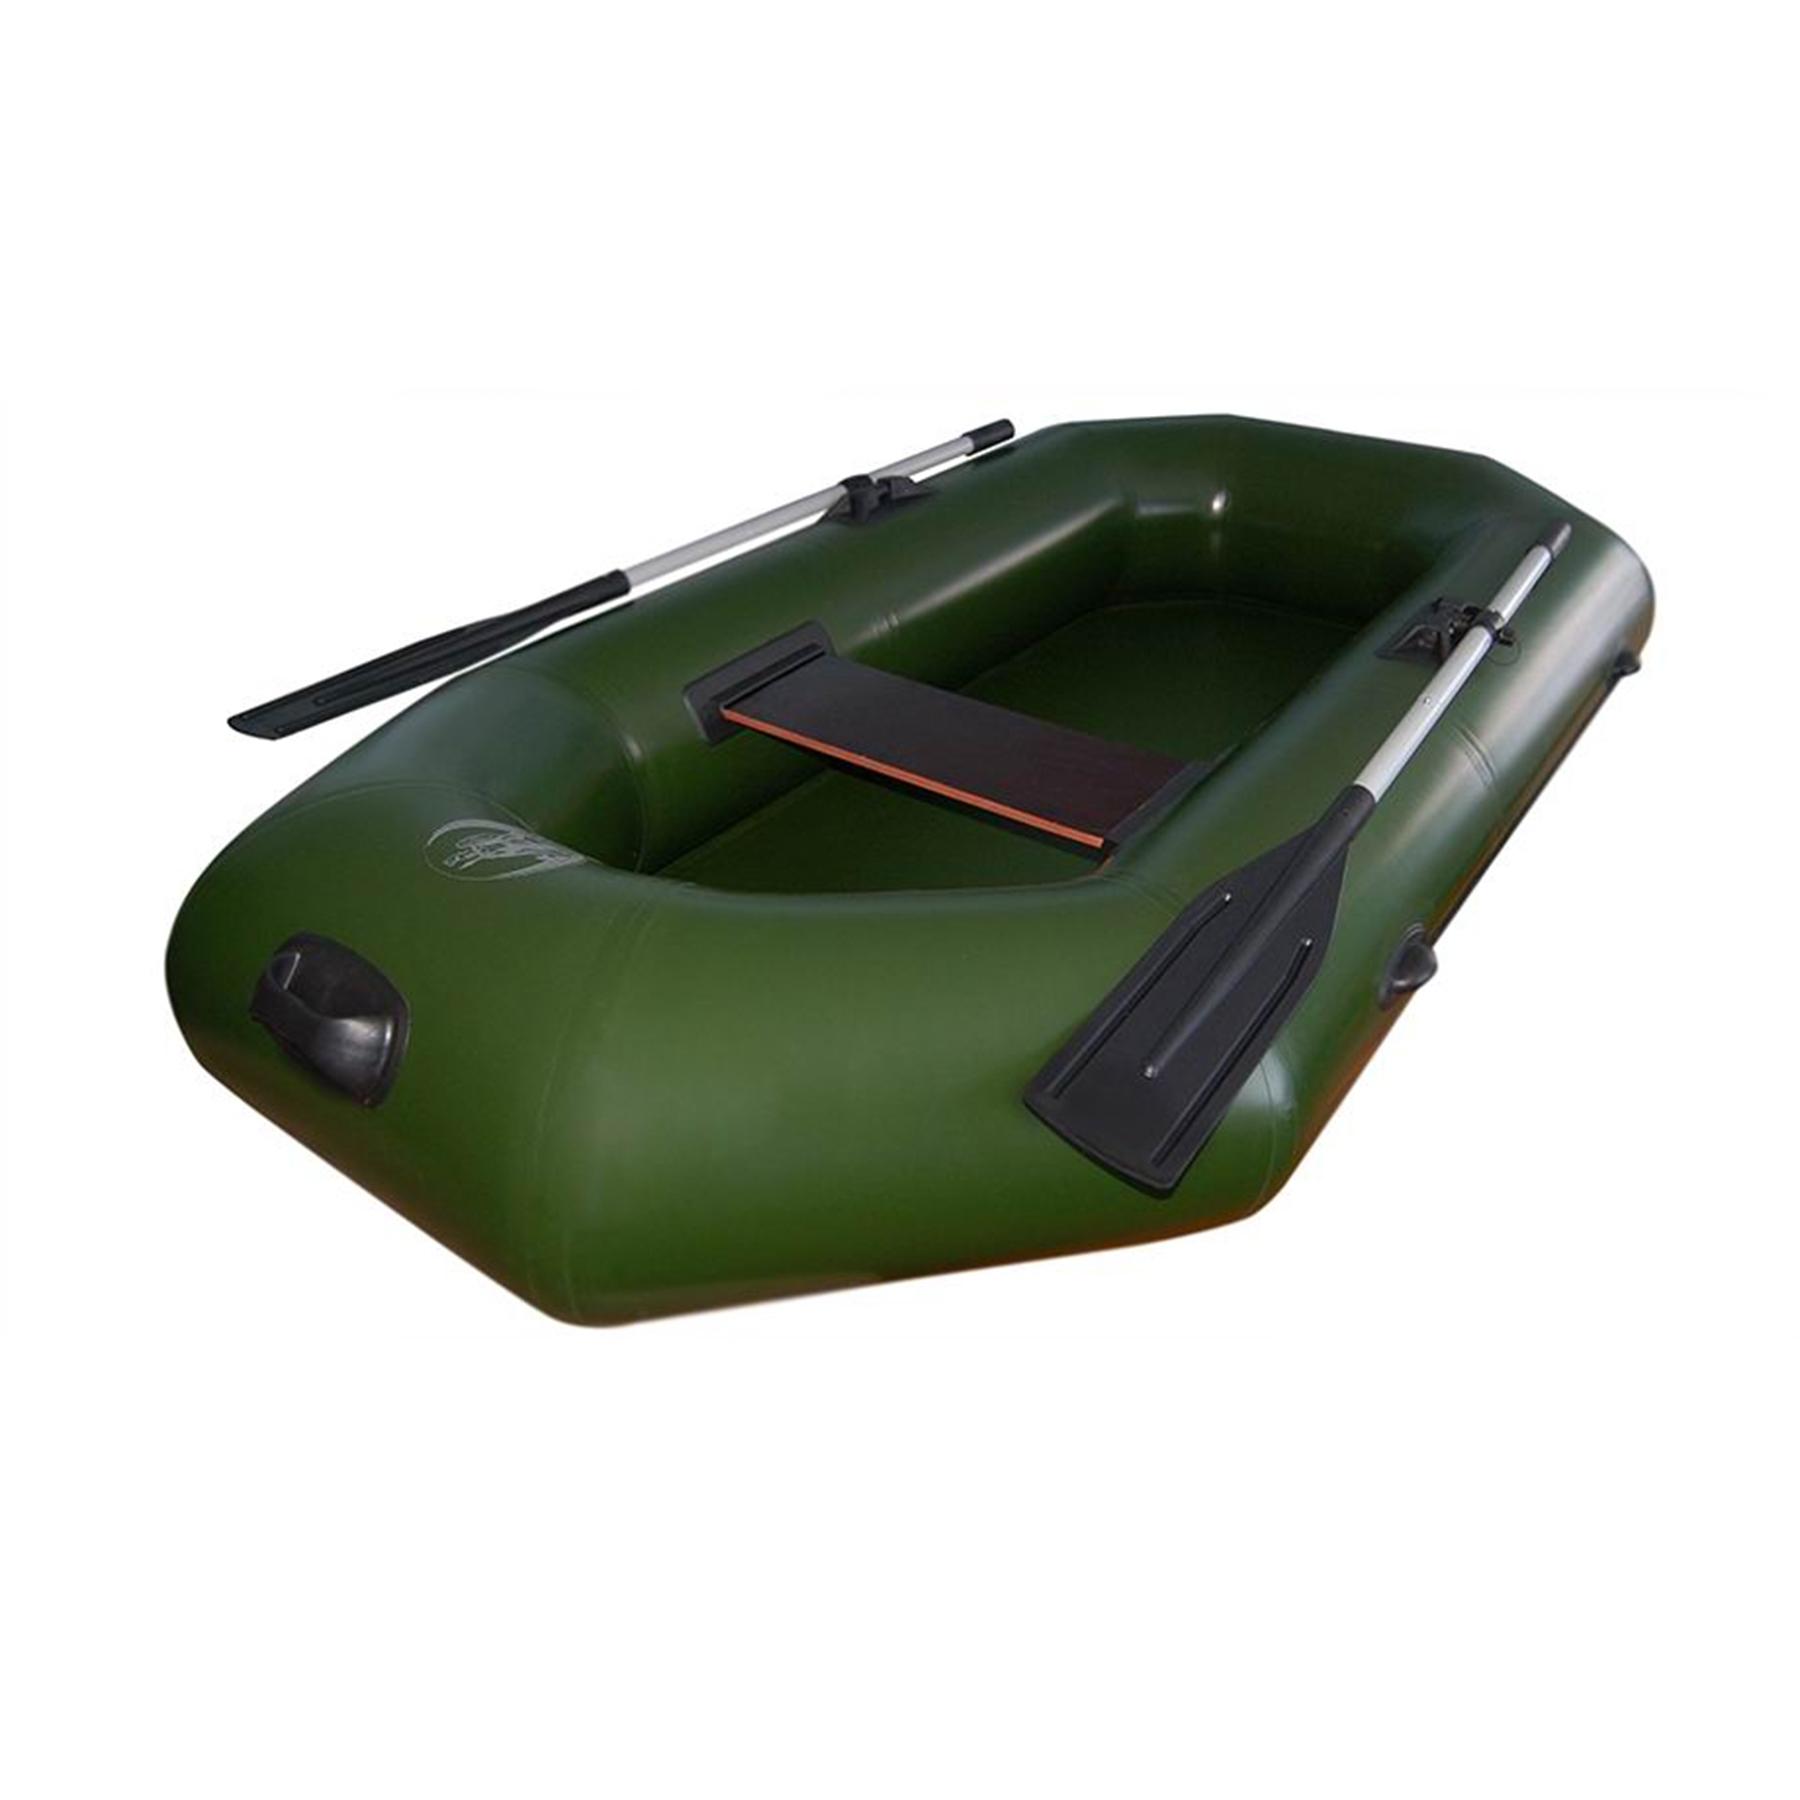 Лодка Легион - 210 / 215  (210*114см, гр.под.160 кг,2отс.,10 кг,ж.сид.,весла)